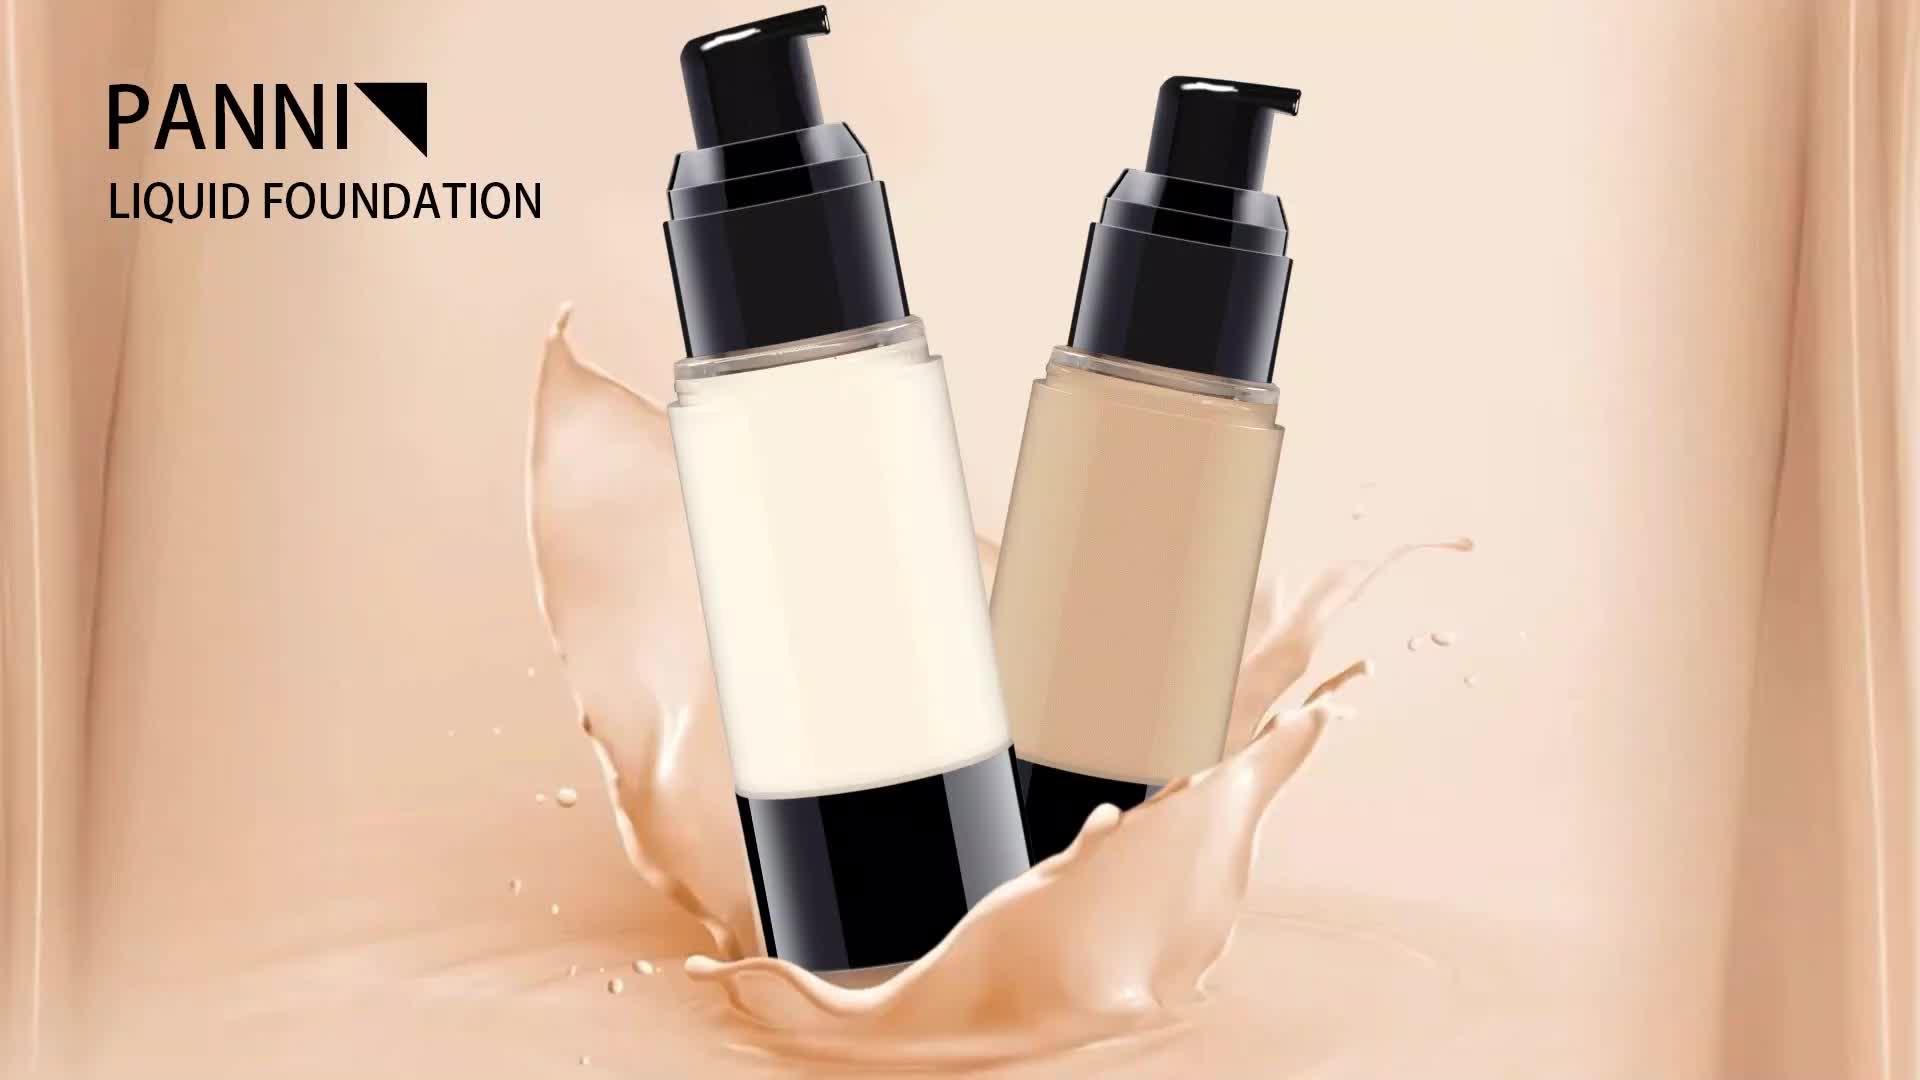 Sıcak satış 12 Renkler Makyaj vakfı Yüksek kalite SPF15 Su Geçirmez private label sıvı vakfı